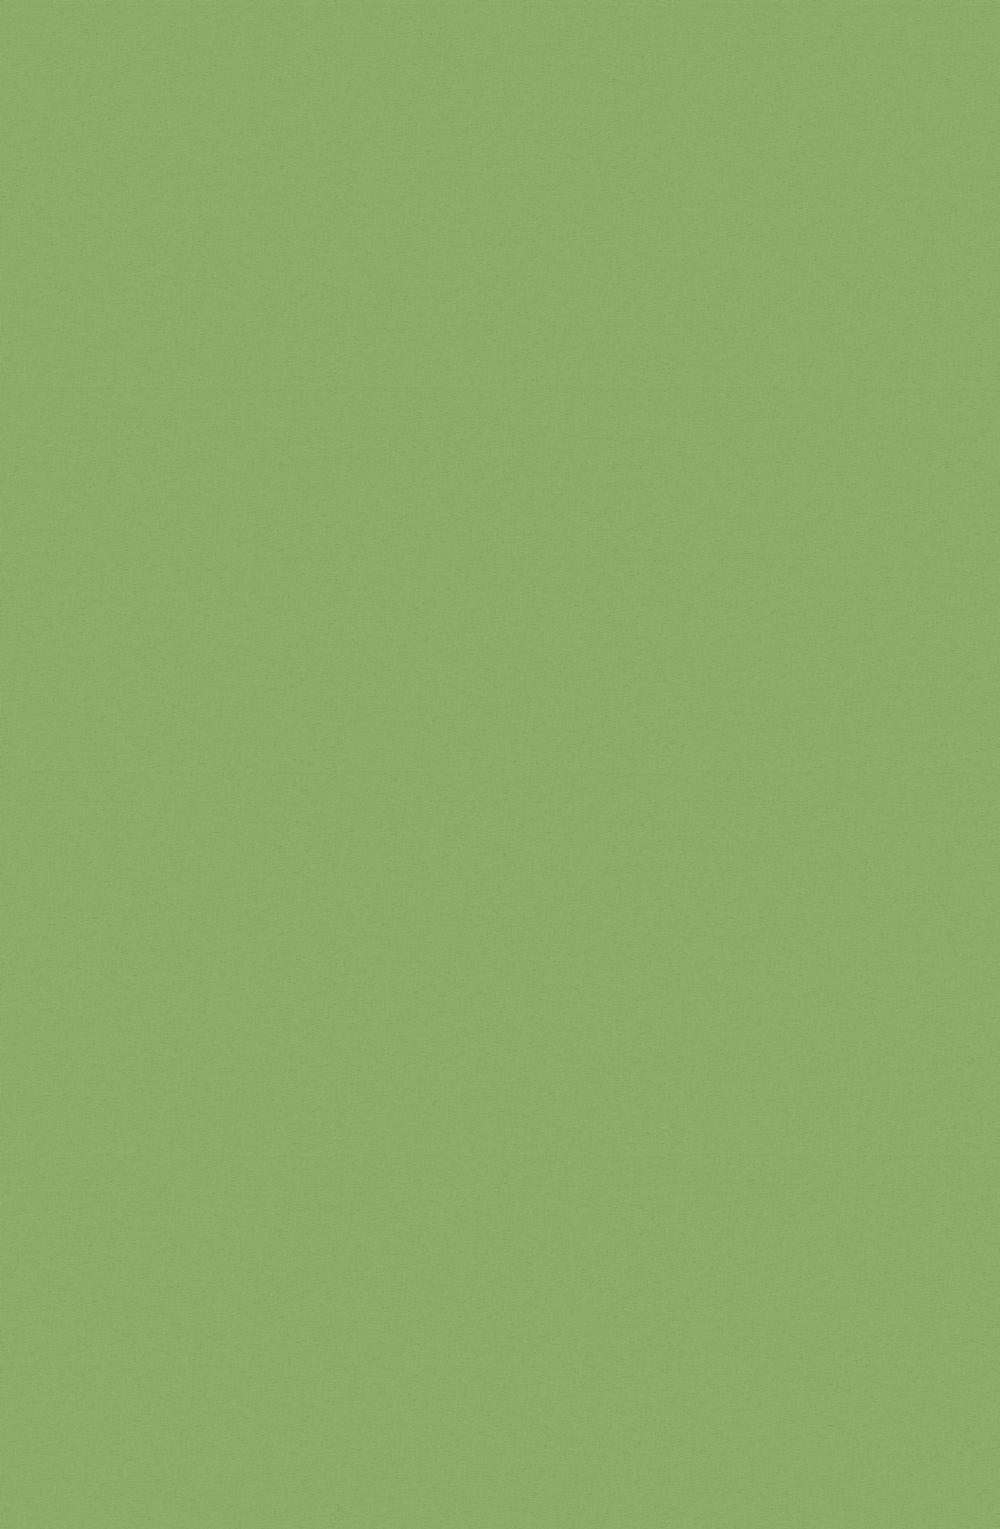 Куба-зелёный